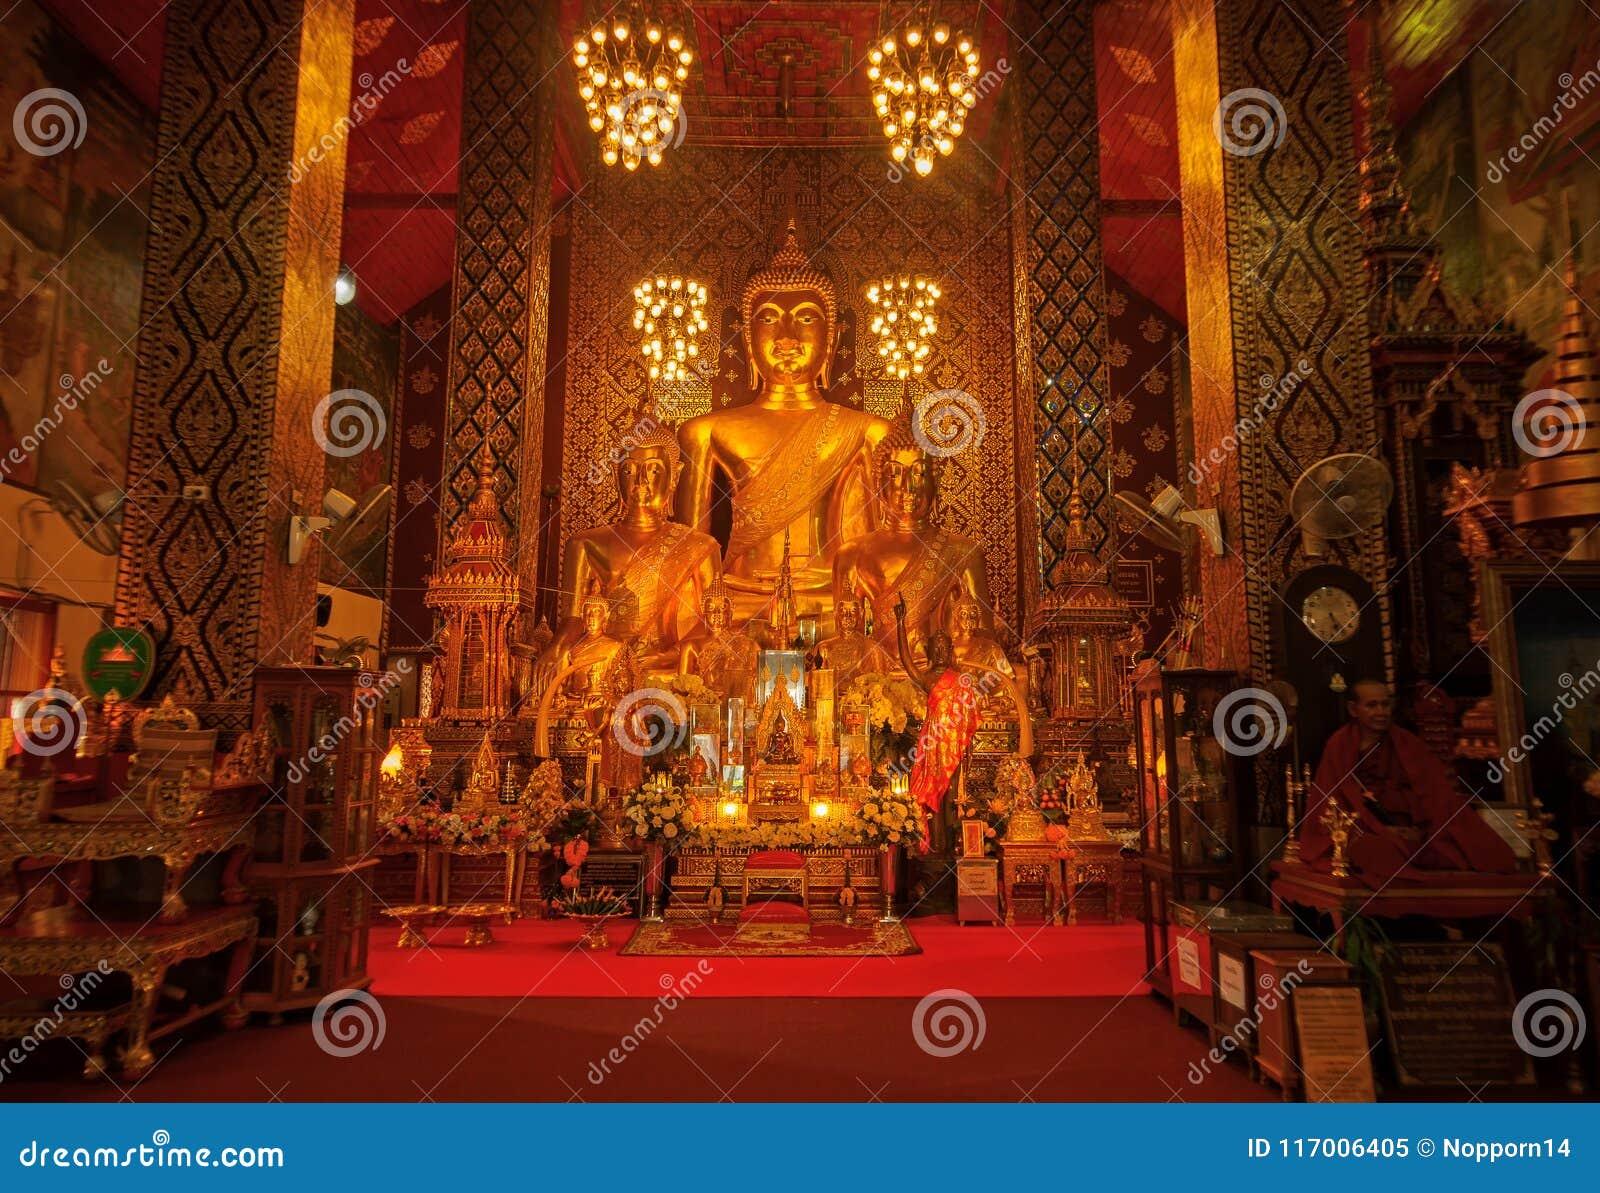 Lamphun, Thailand - 20. Mai 2018: Goldene Buddha-Statuen innerhalb des buddhistischen Schongebiets von Wat Phra That Hariphunchai